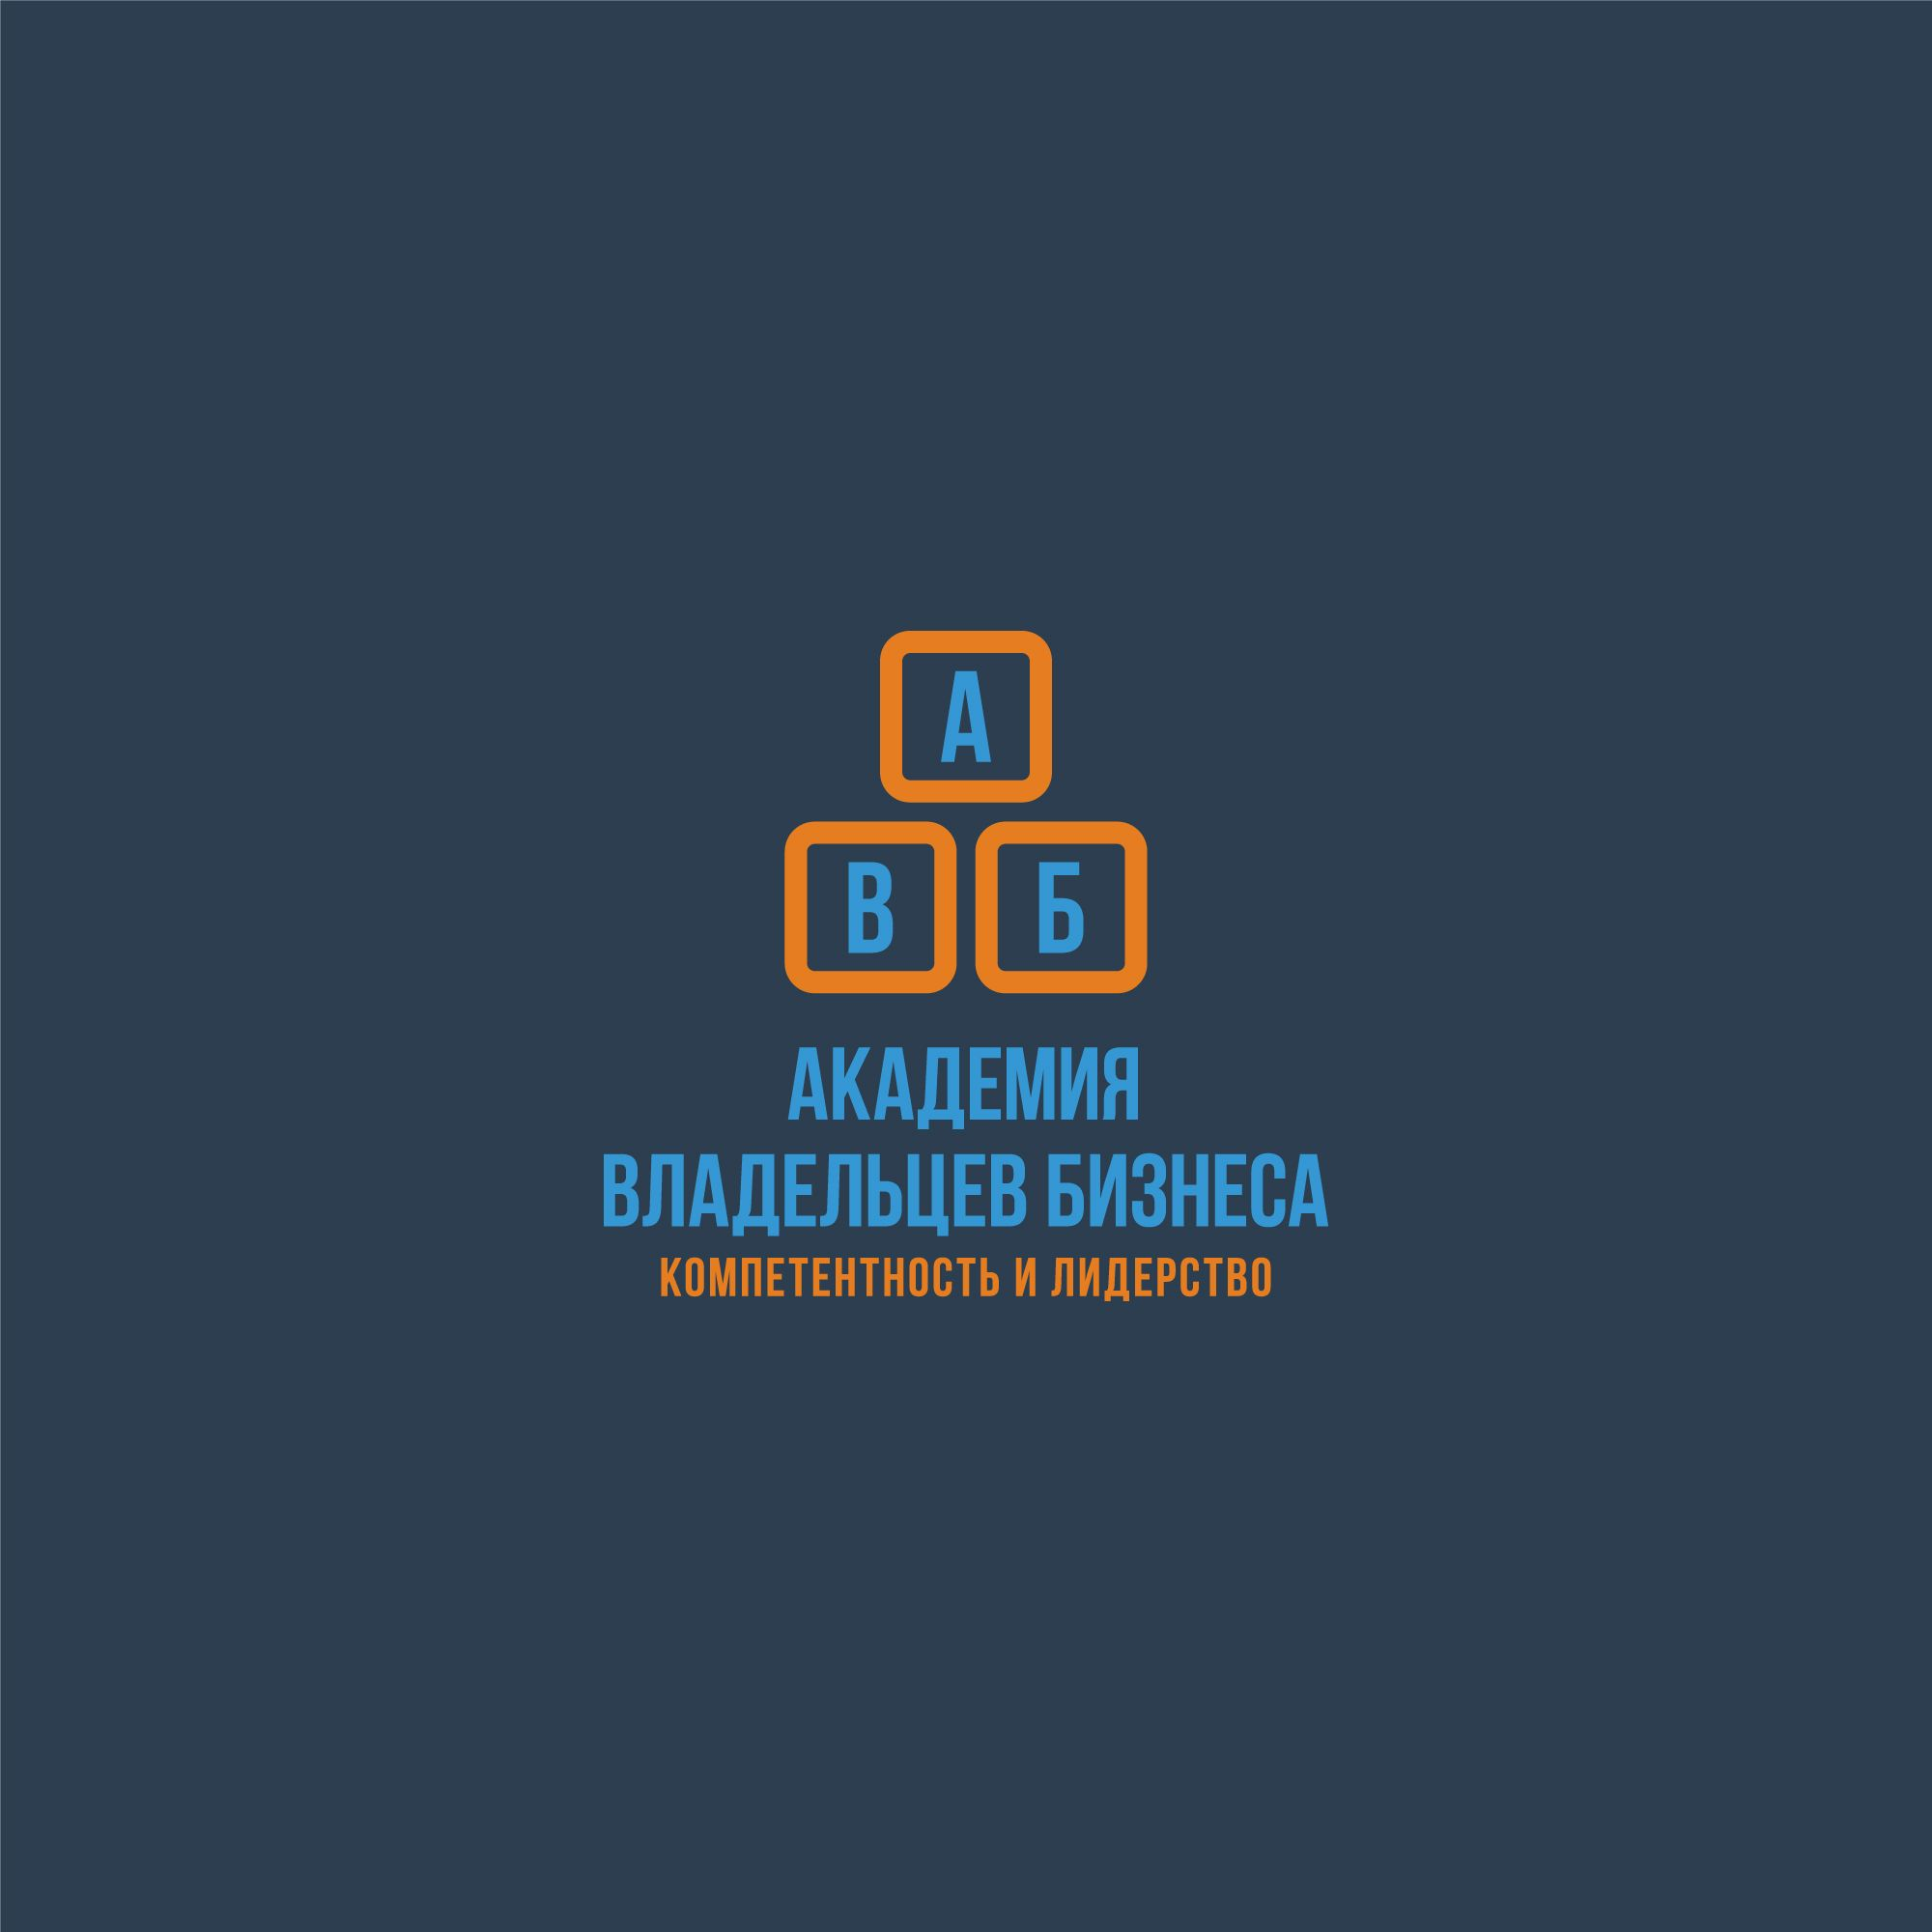 Лого и фирменный стиль для АКАДЕМИЯ ВЛАДЕЛЬЦЕВ БИЗНЕСА   АВБ - дизайнер Gas-Min